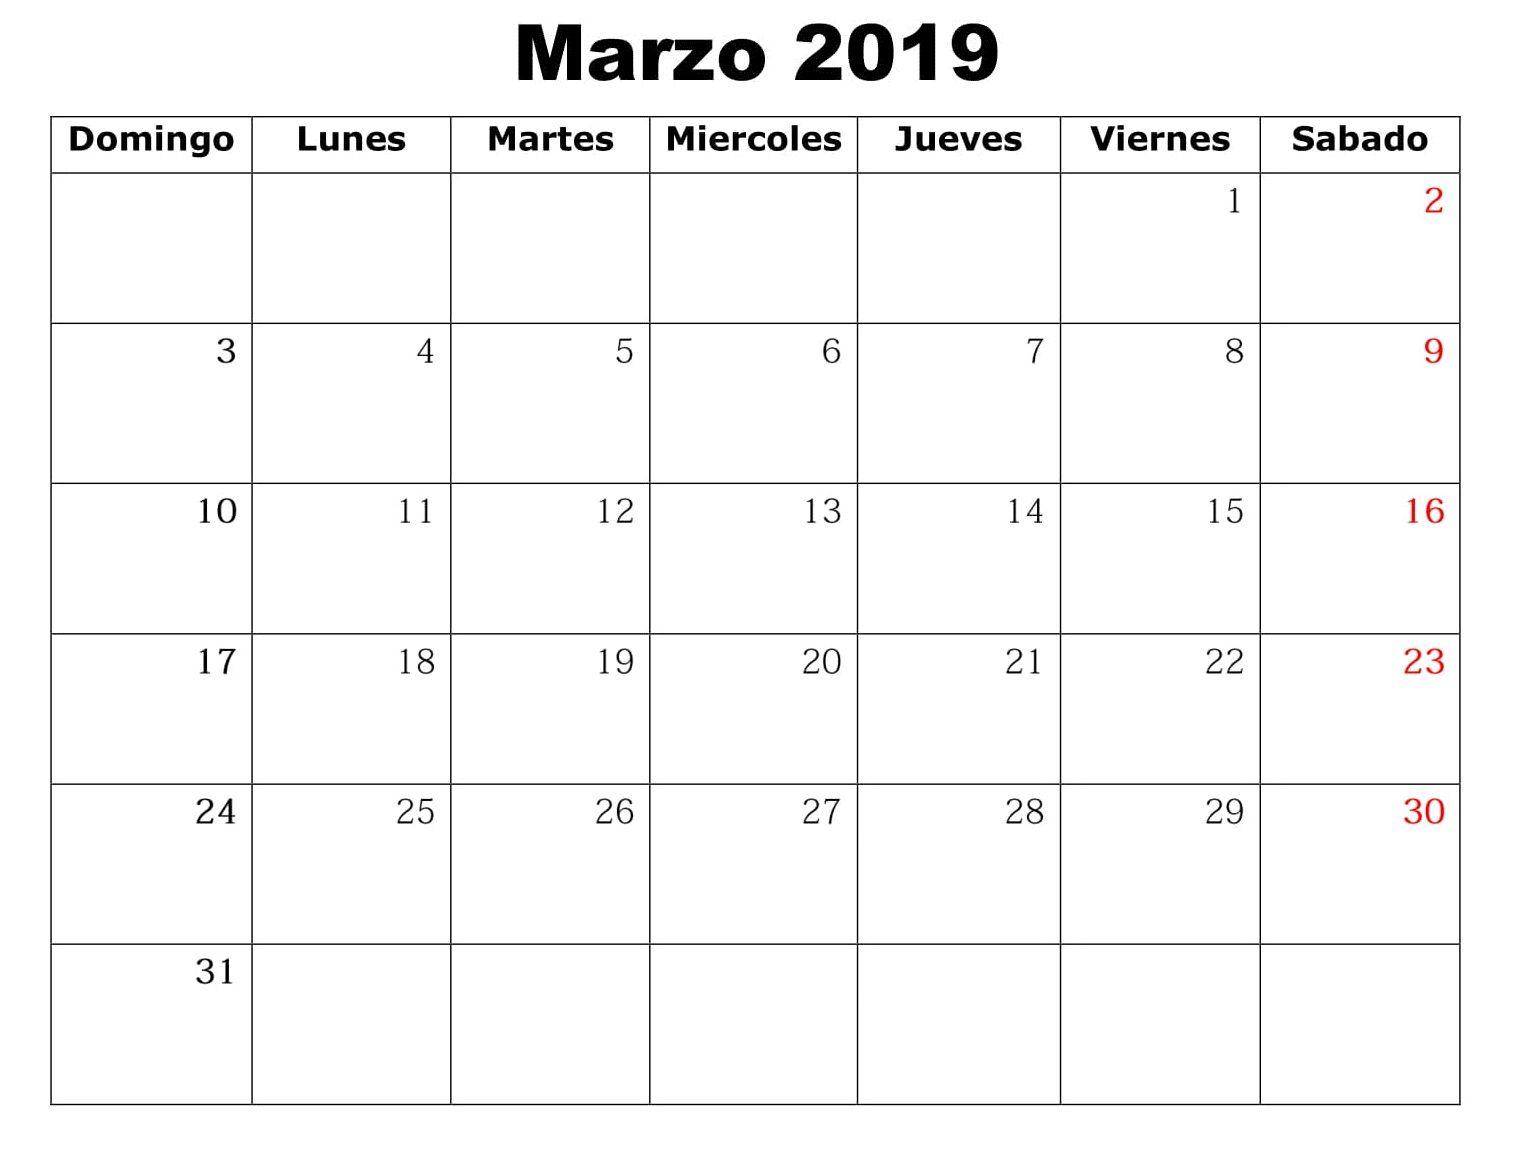 Marzo Calendario.Imprimible Marzo Calendario 2019 Palabra March 2019 Calendar